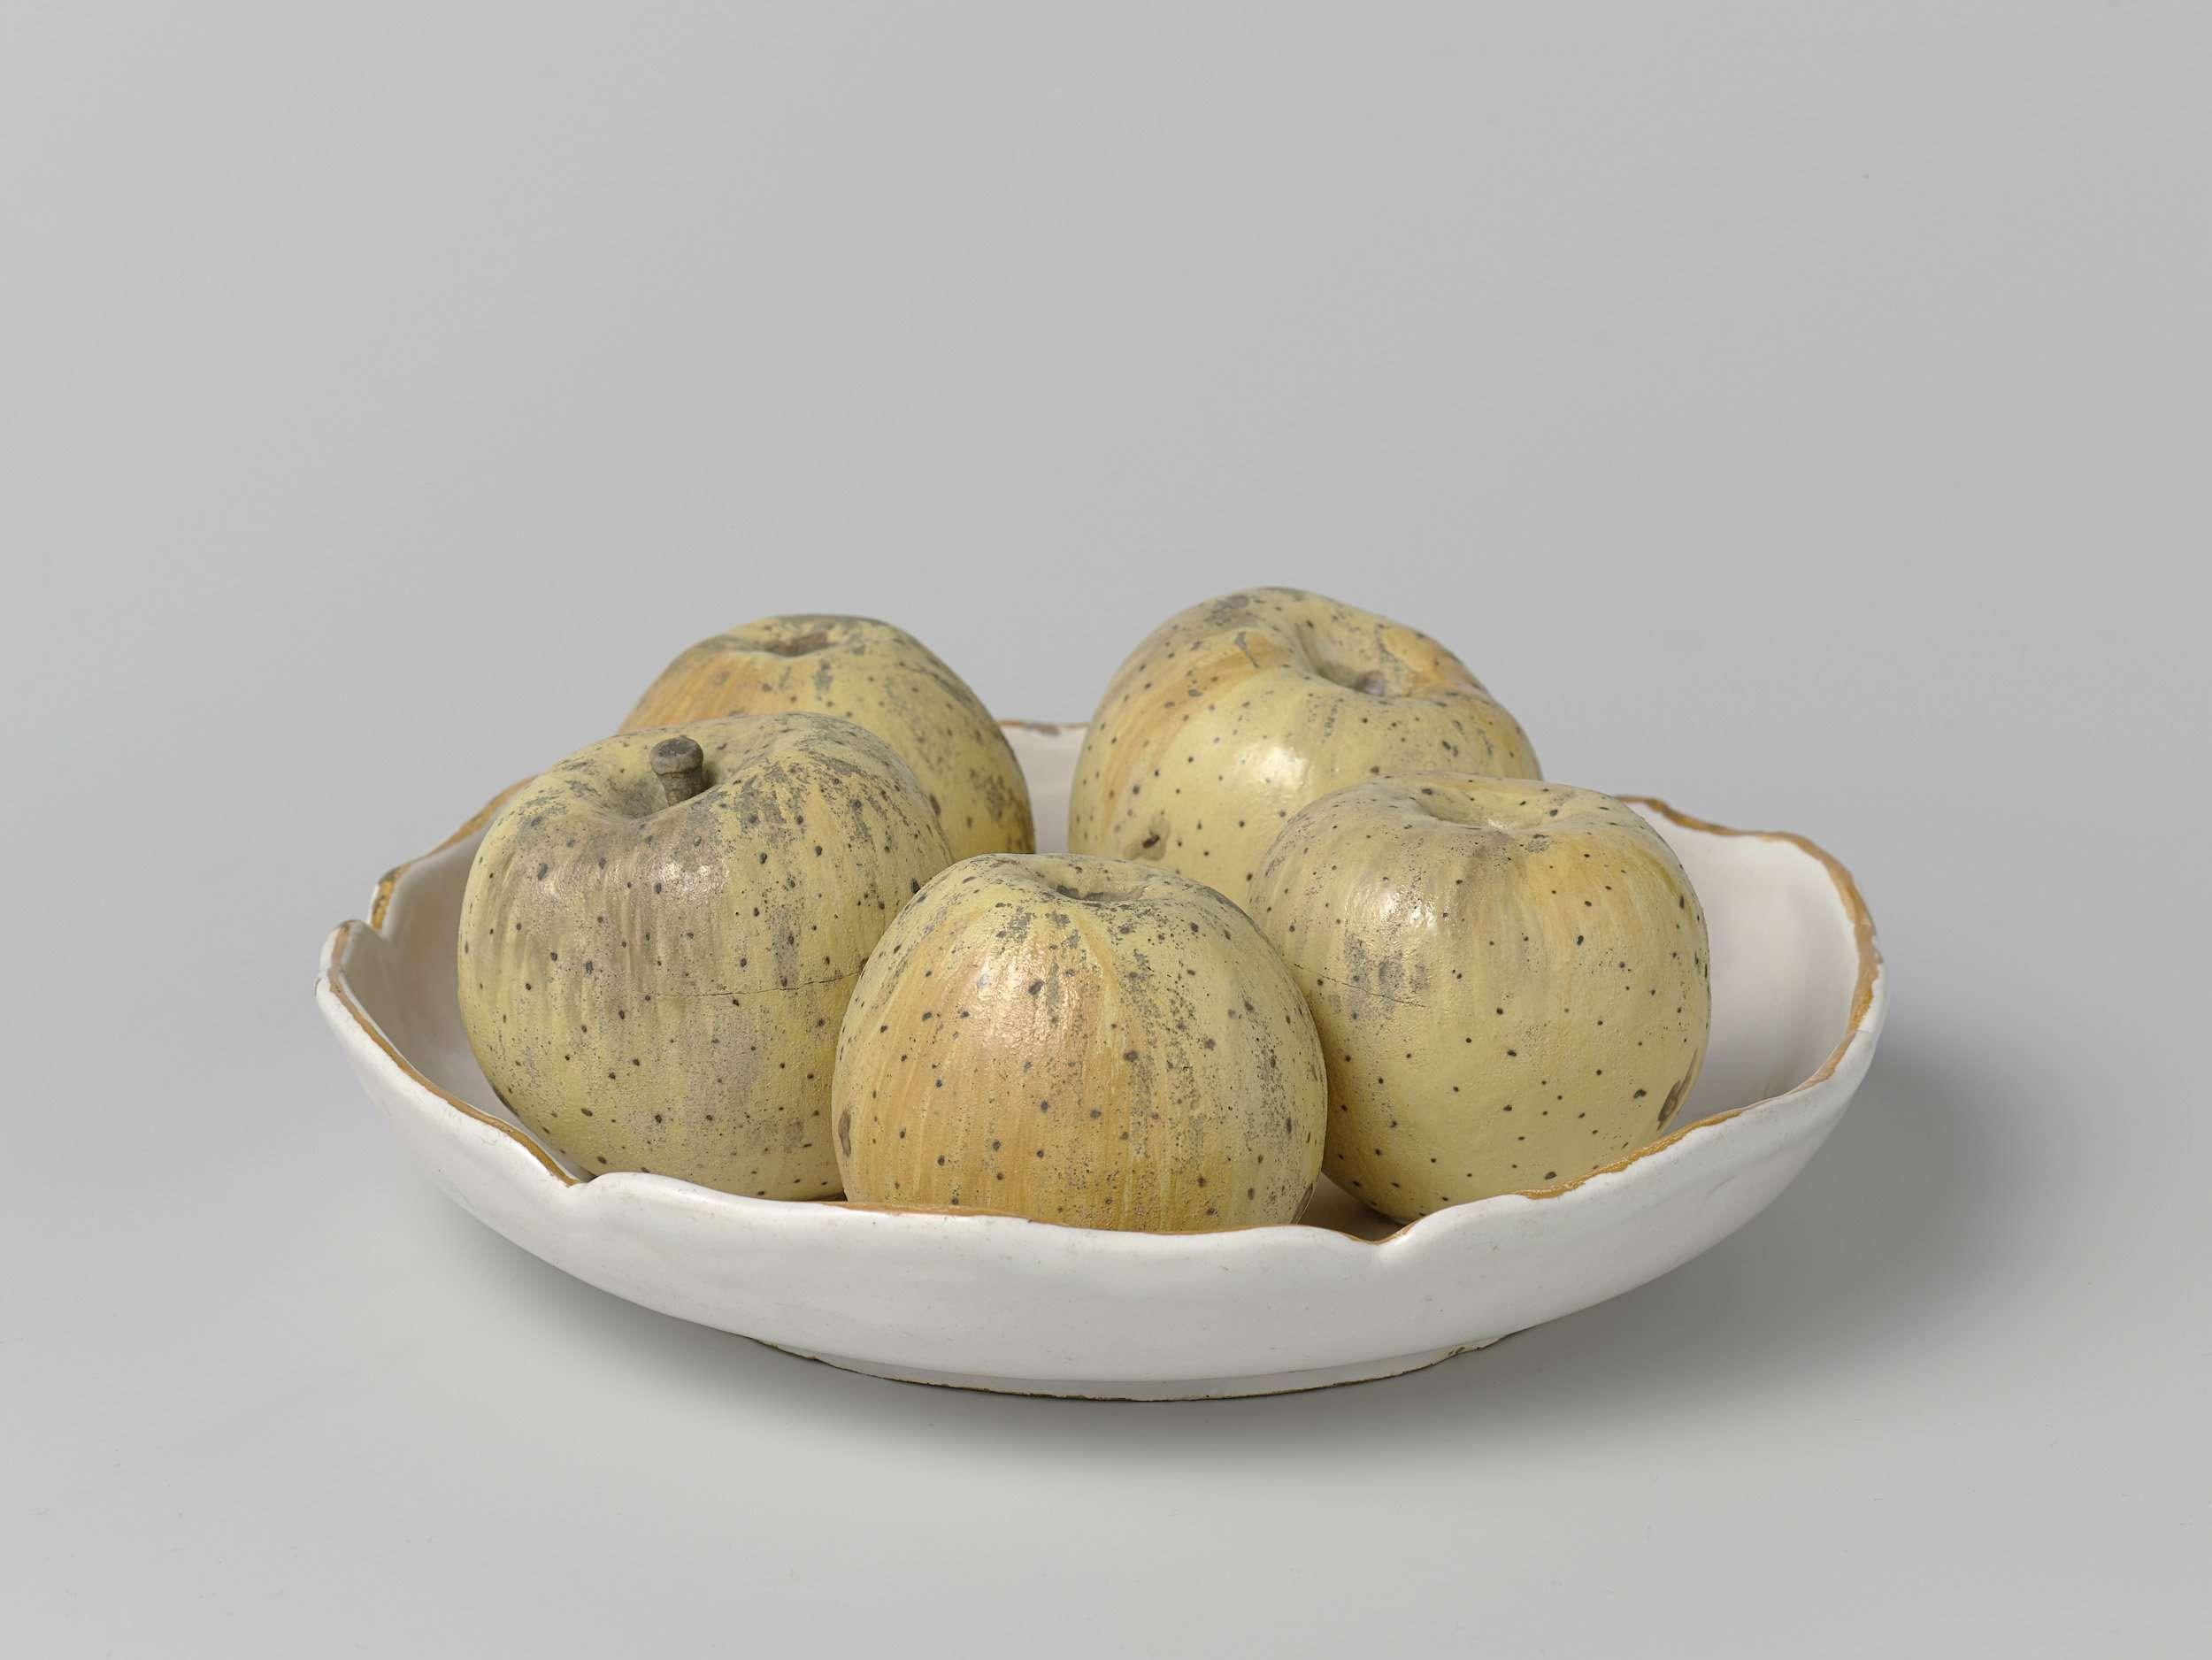 Arie Blankers | Schotel met geschulpte rand en vijf opgelegde appels, Arie Blankers, c. 1755 - c. 1760 | Ronde, witte schotel met appels, van veelkleurig beschilderde faience schotel heeft een geschulpte rand en op de schotel zijn vijf appels bevestigd.